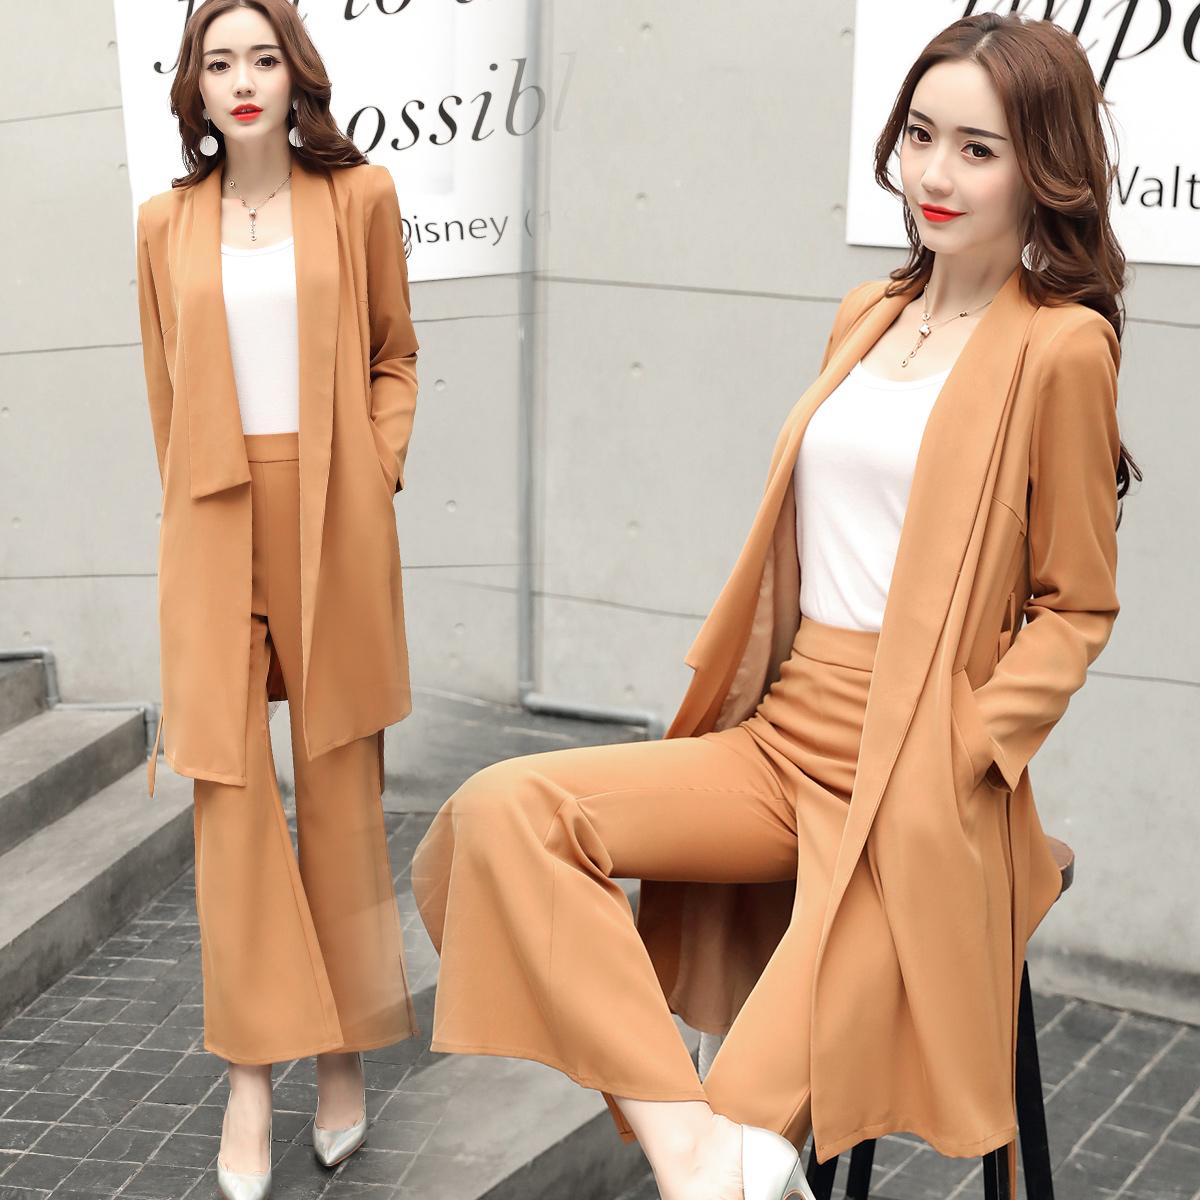 [主推]套装/套裙2018年春季纯色时尚优雅气质修身潮流开衫